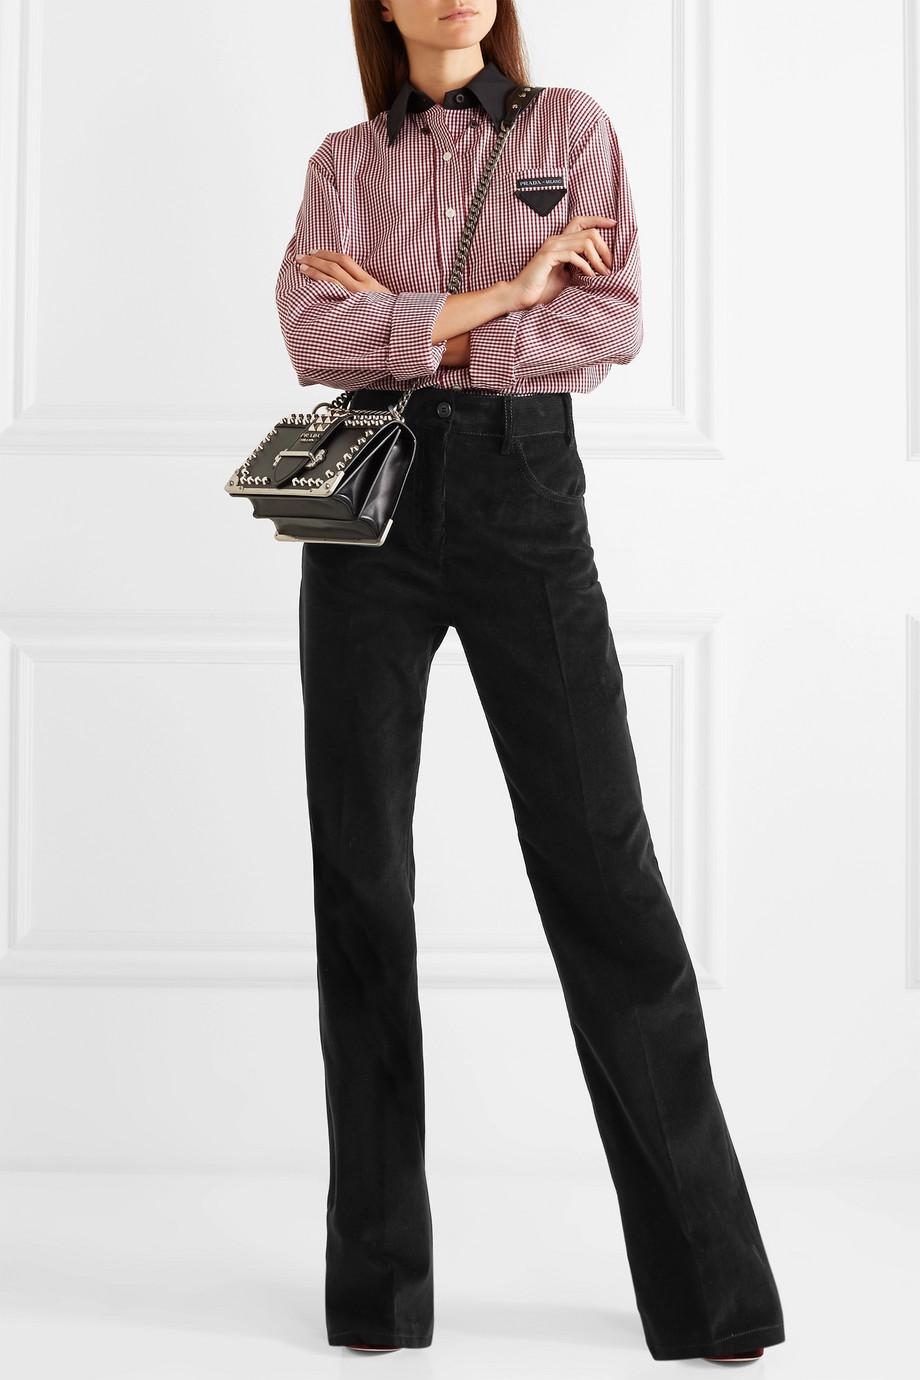 Prada Cotton-corduroy wide-leg pants $980